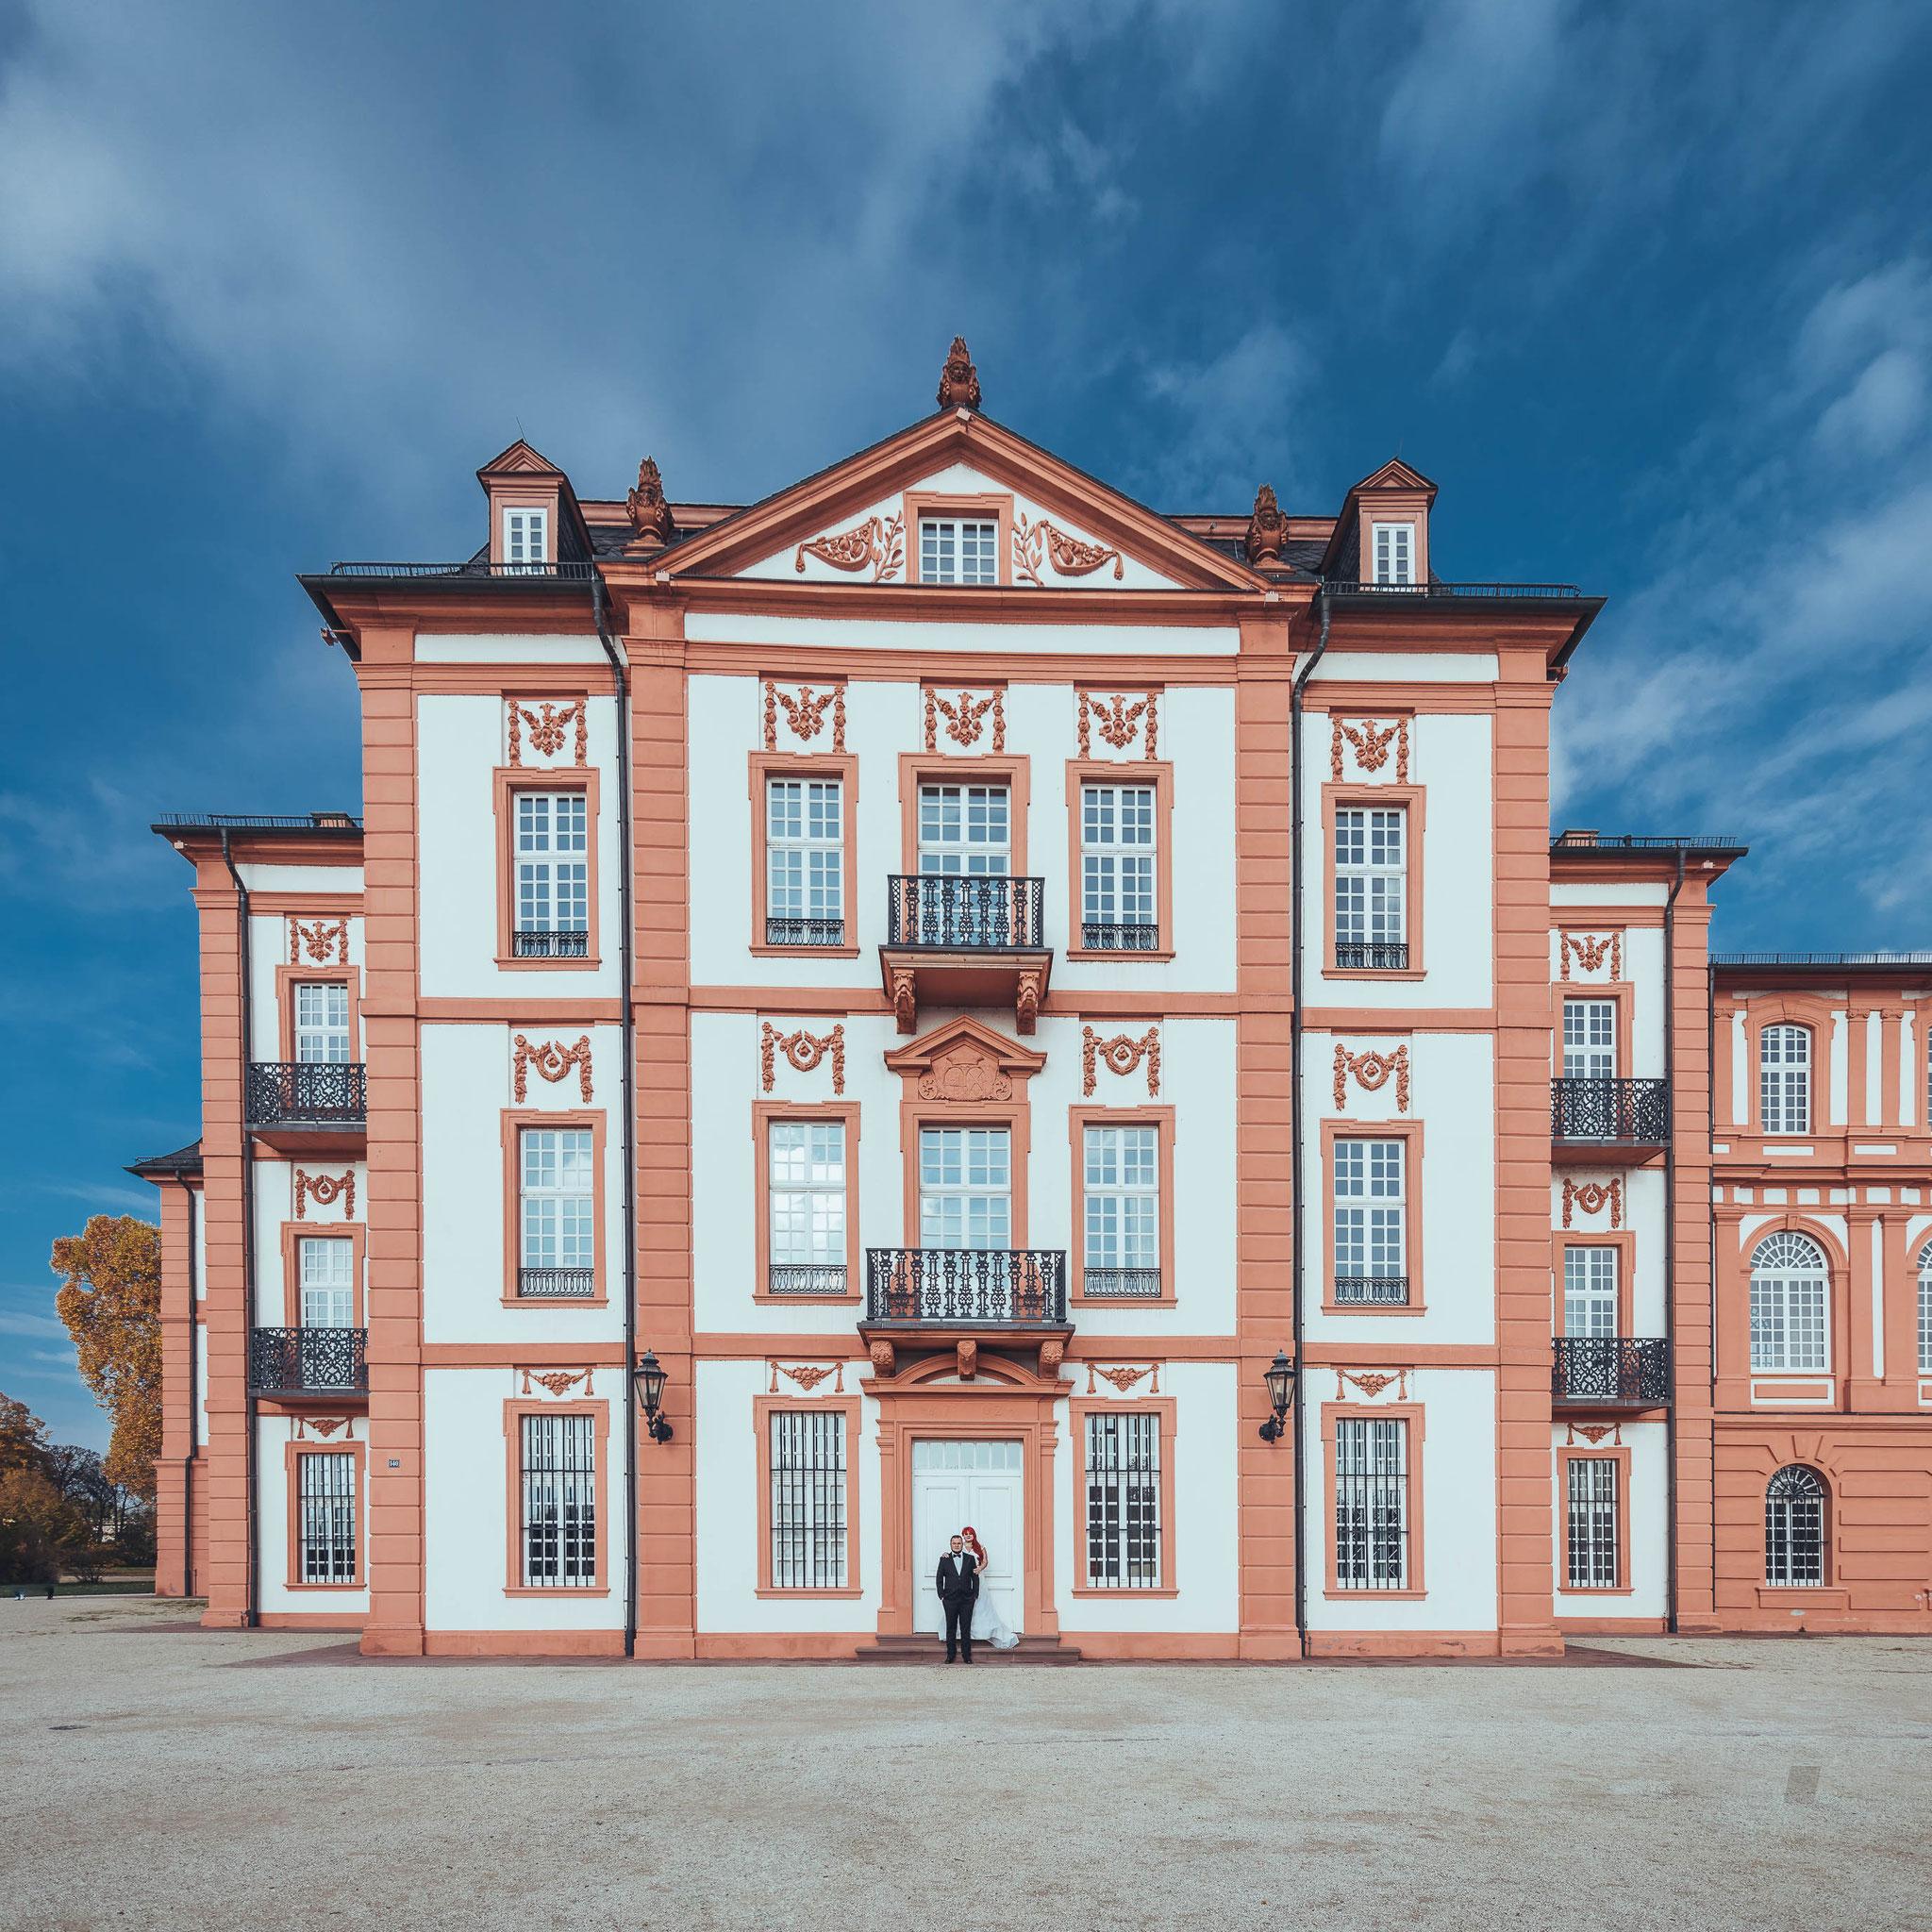 Foto und Video für meine russische Hochzeit in Frankfurt, Kassel, Mannheim, Koblenz, Bad Homburg